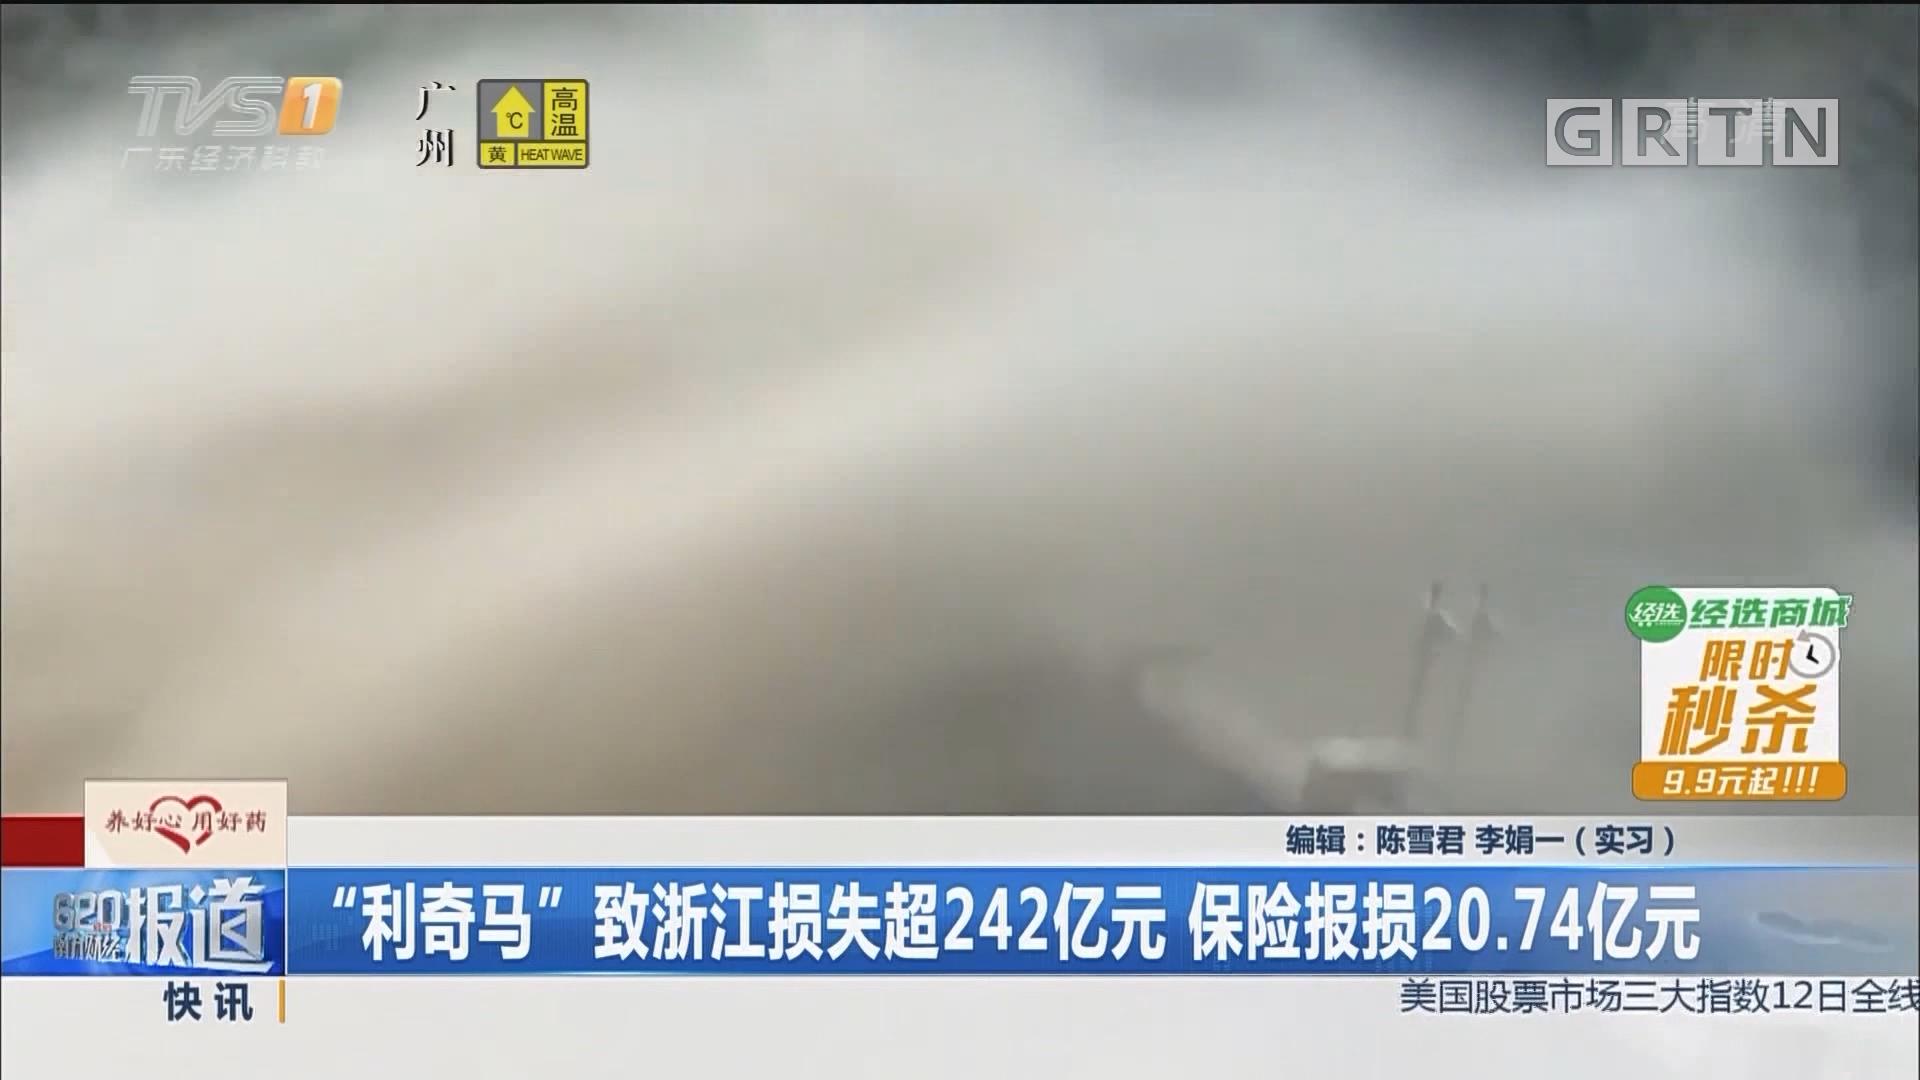 """""""利奇马""""致浙江损失超242亿元 保险报损20.74亿元"""